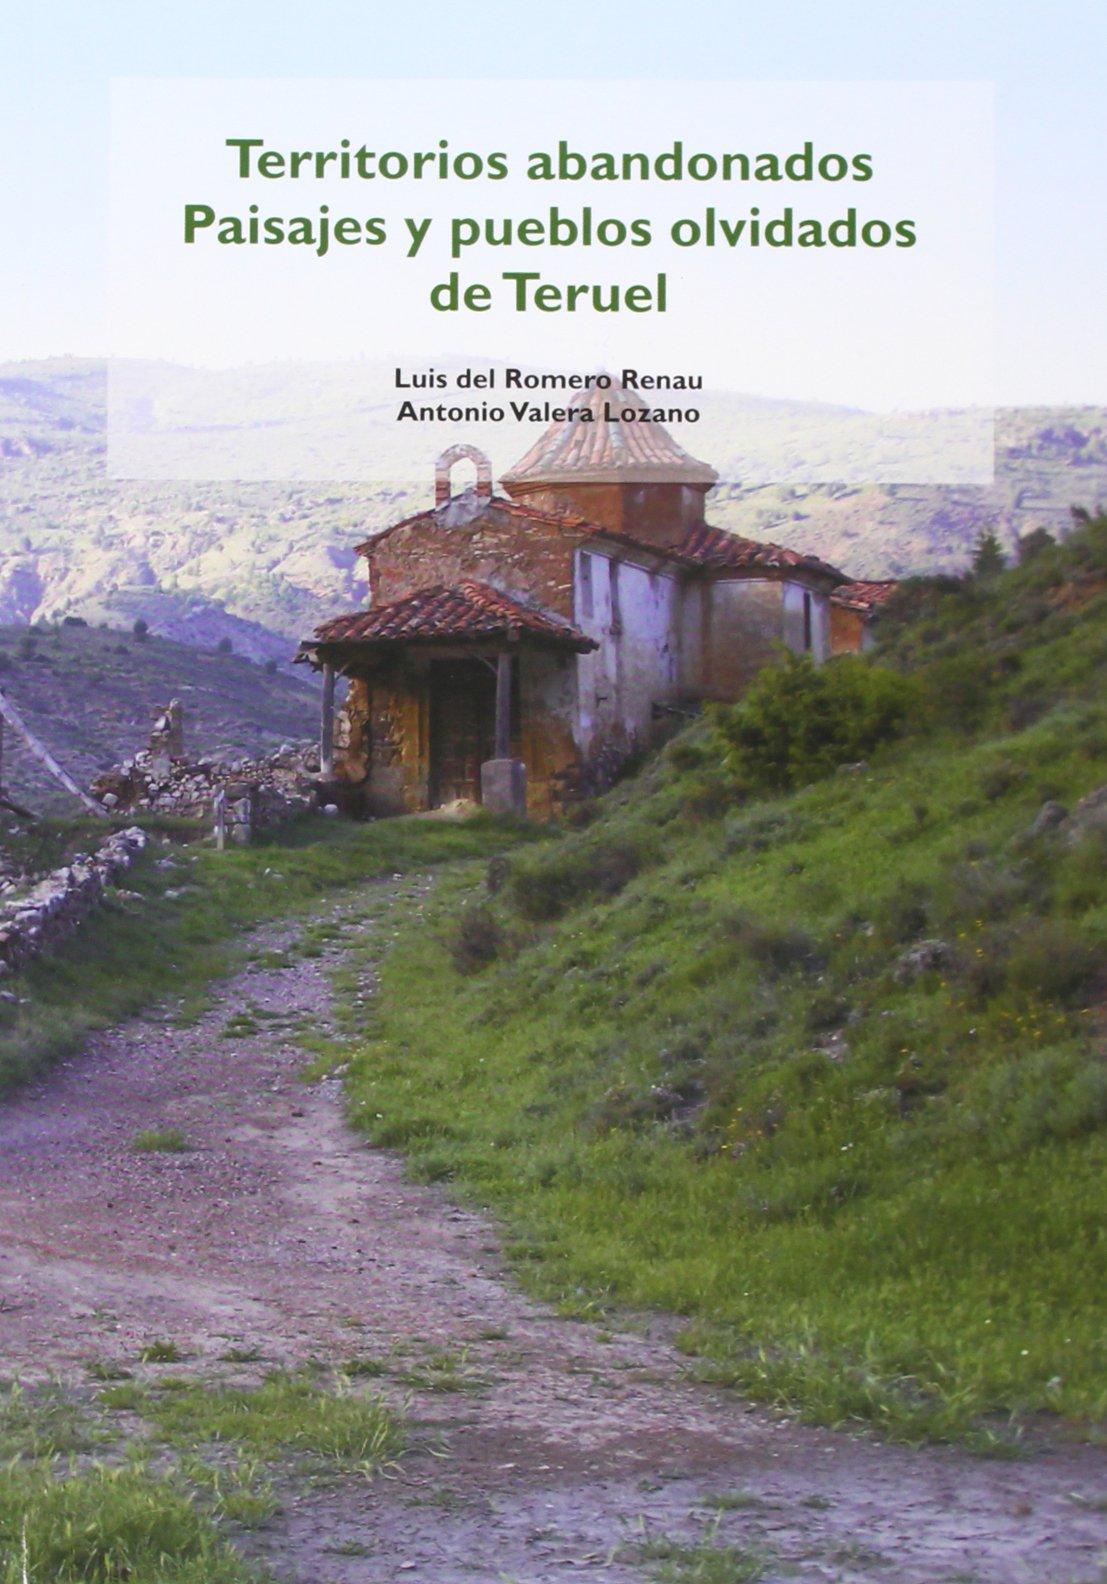 Territorios Abandonados. Paisajes Y Pueblos Abandonados De Teruel Tapa blanda – 16 may 2013 Luis Del Romero Renau Editorial Rolde 8492582820 Guías de viaje y turismo